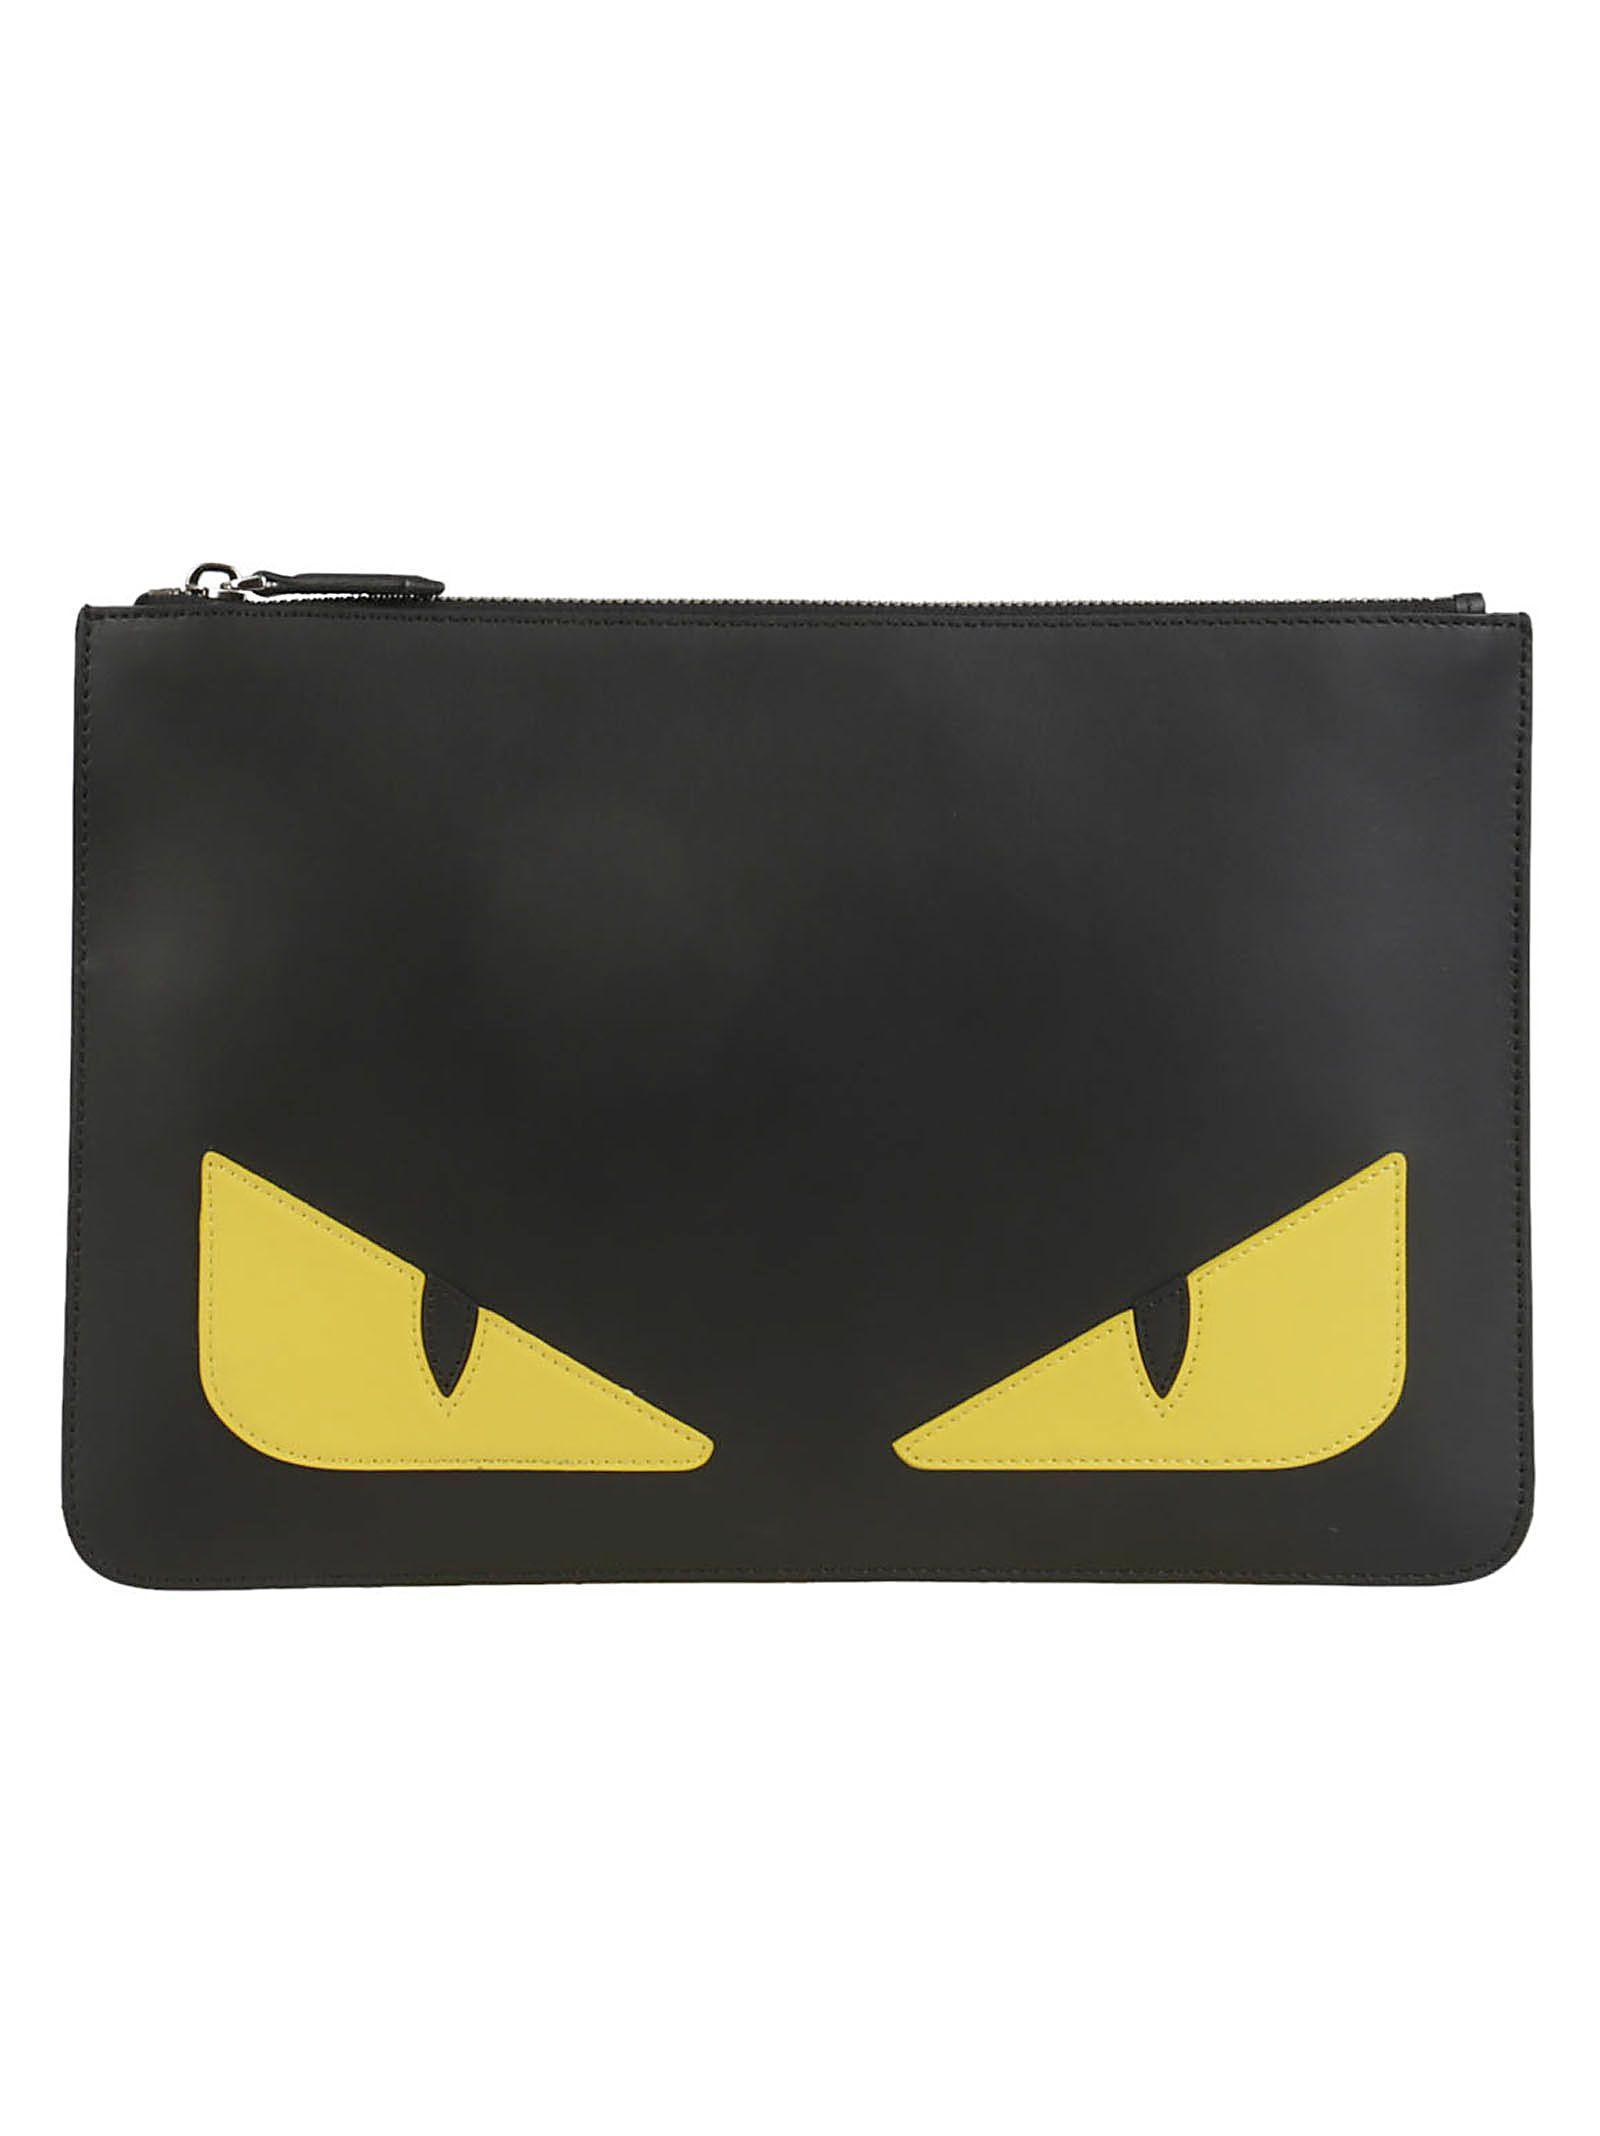 FENDI BAD BUGS CLUTCH.  fendi  bags  leather  clutch  hand bags ... c86eaa1abc4e1